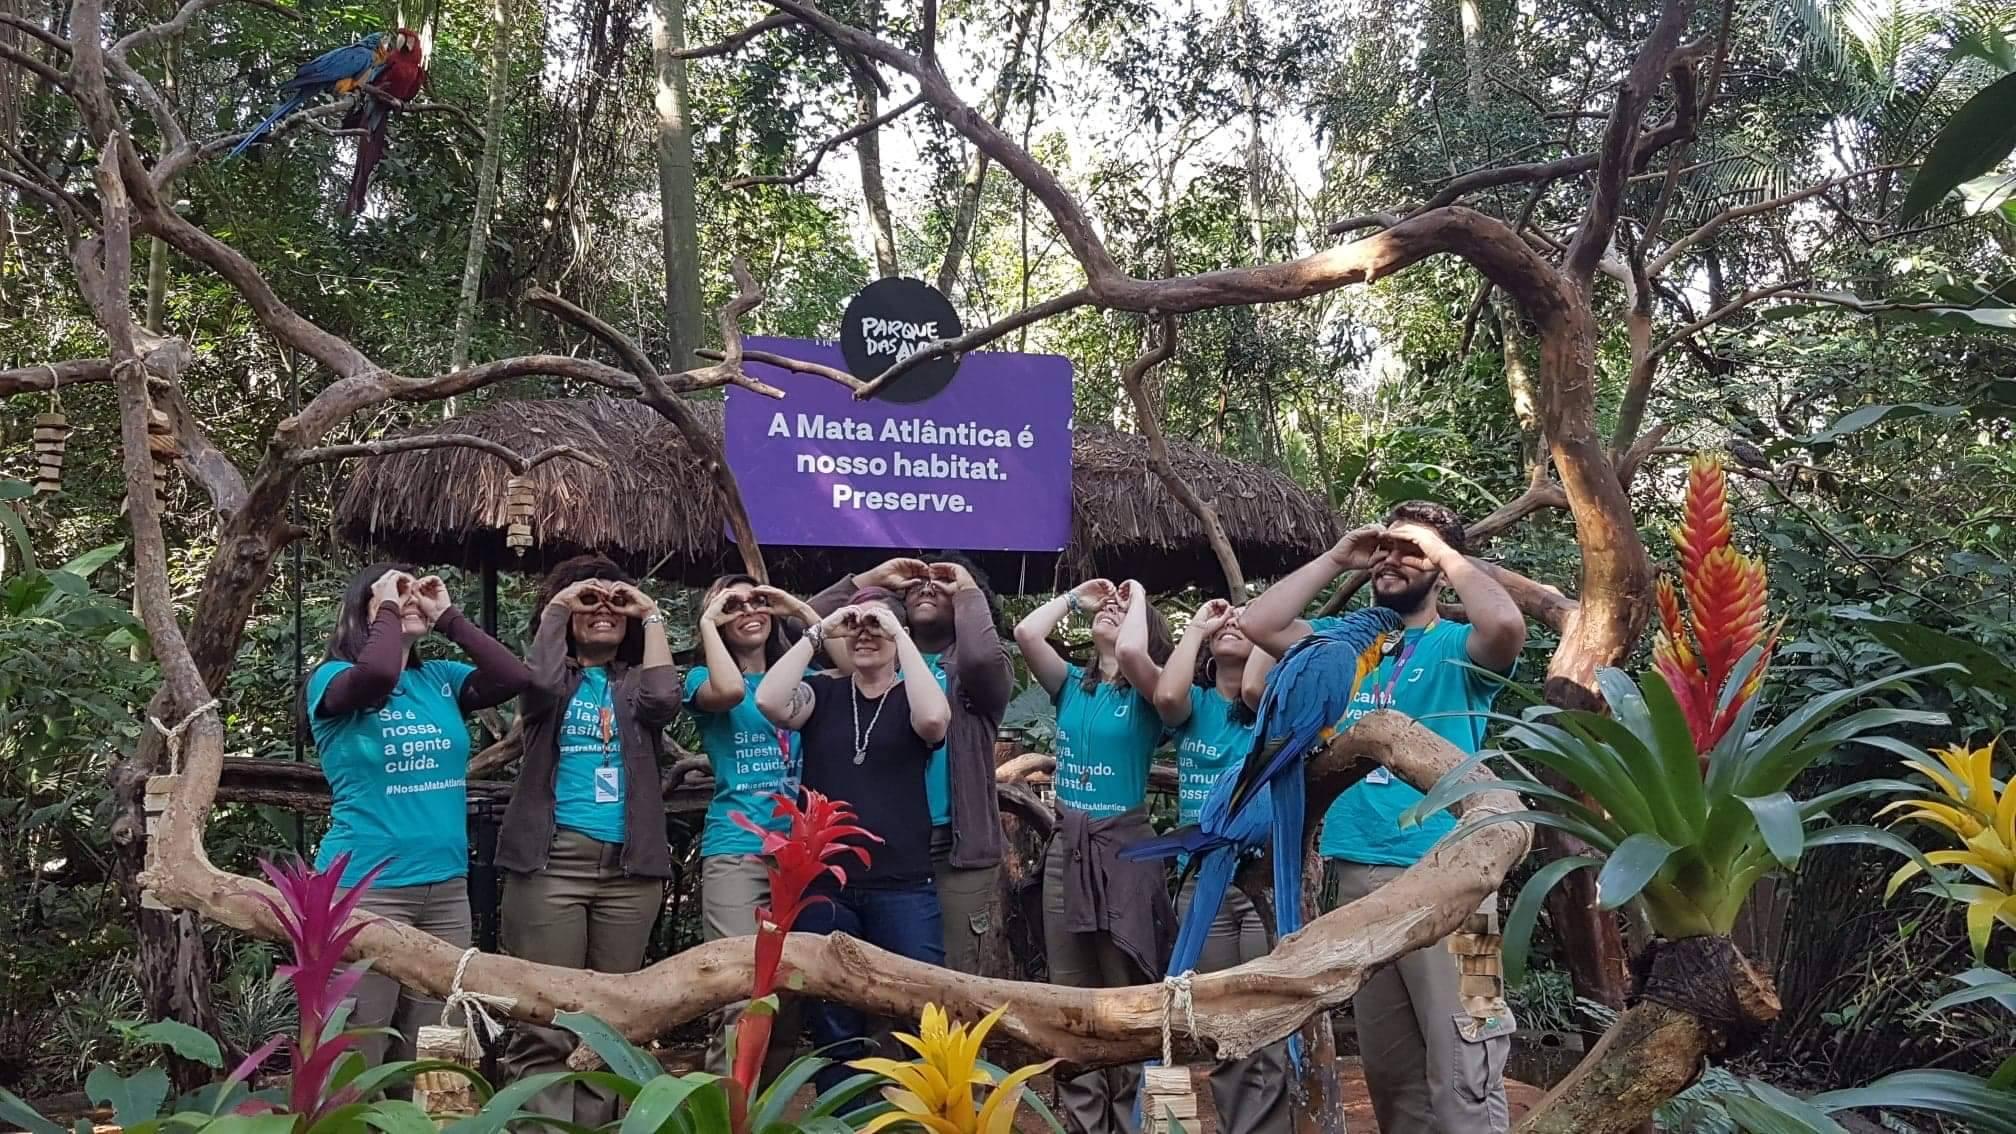 Parque das Aves Divulgacao